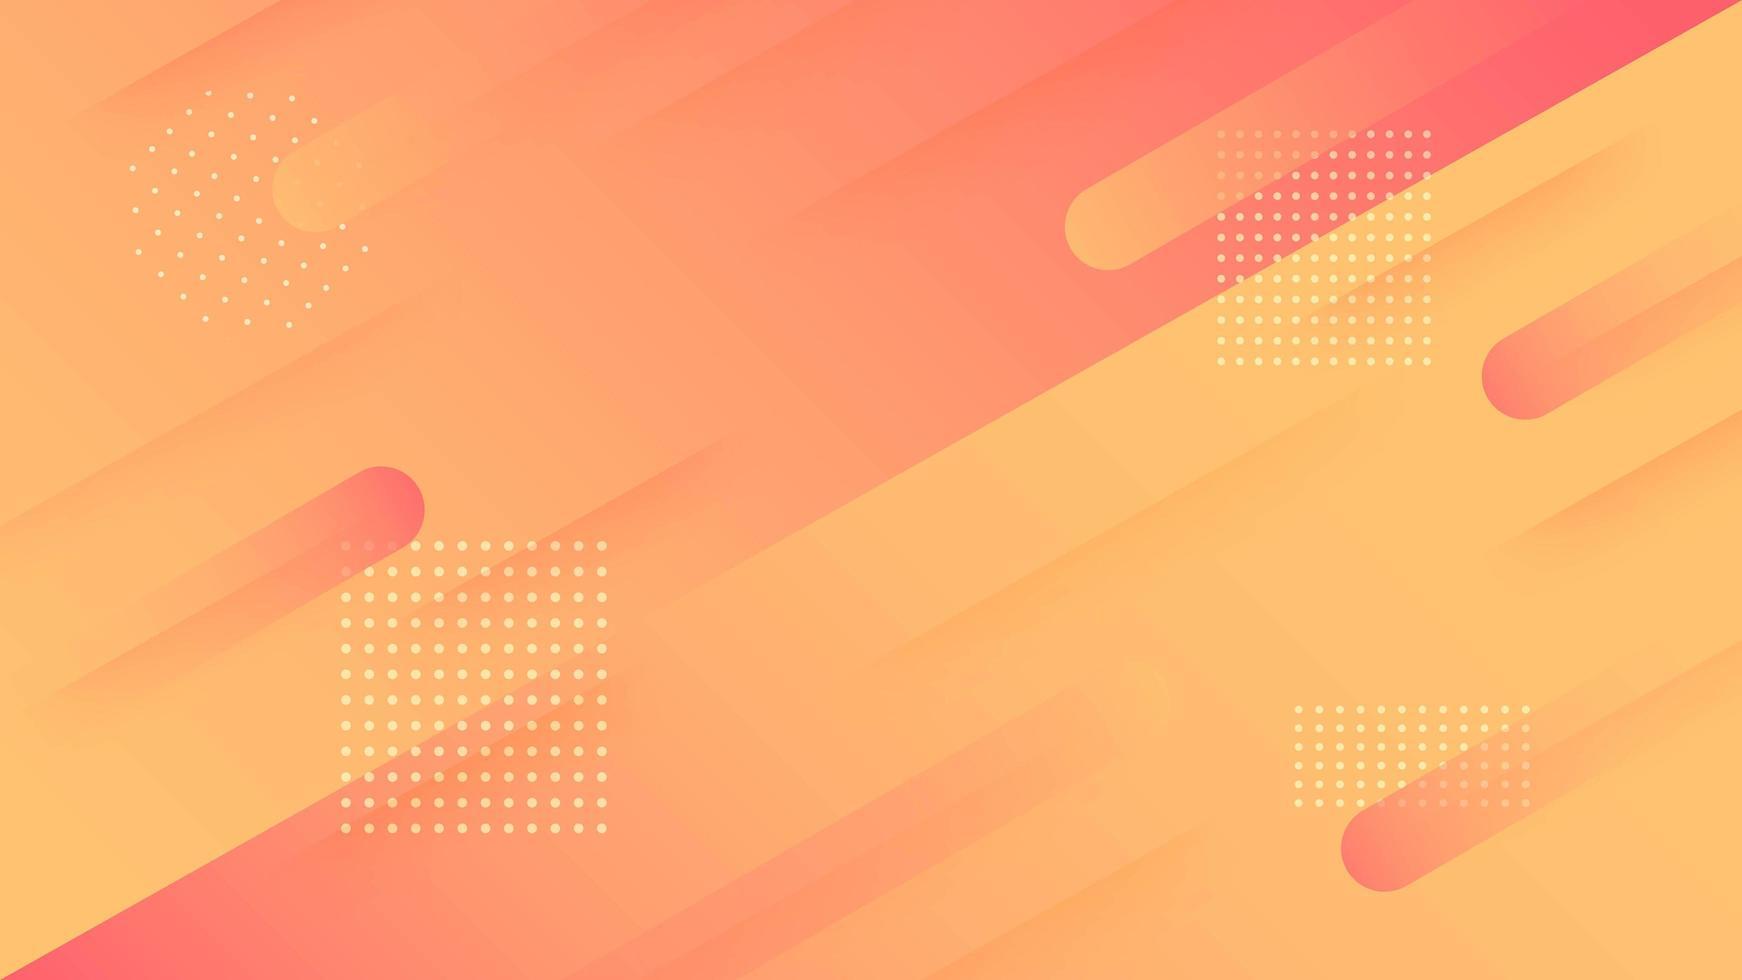 design dinamico arrotondato di forma arrotondata rosso e arancione vettore